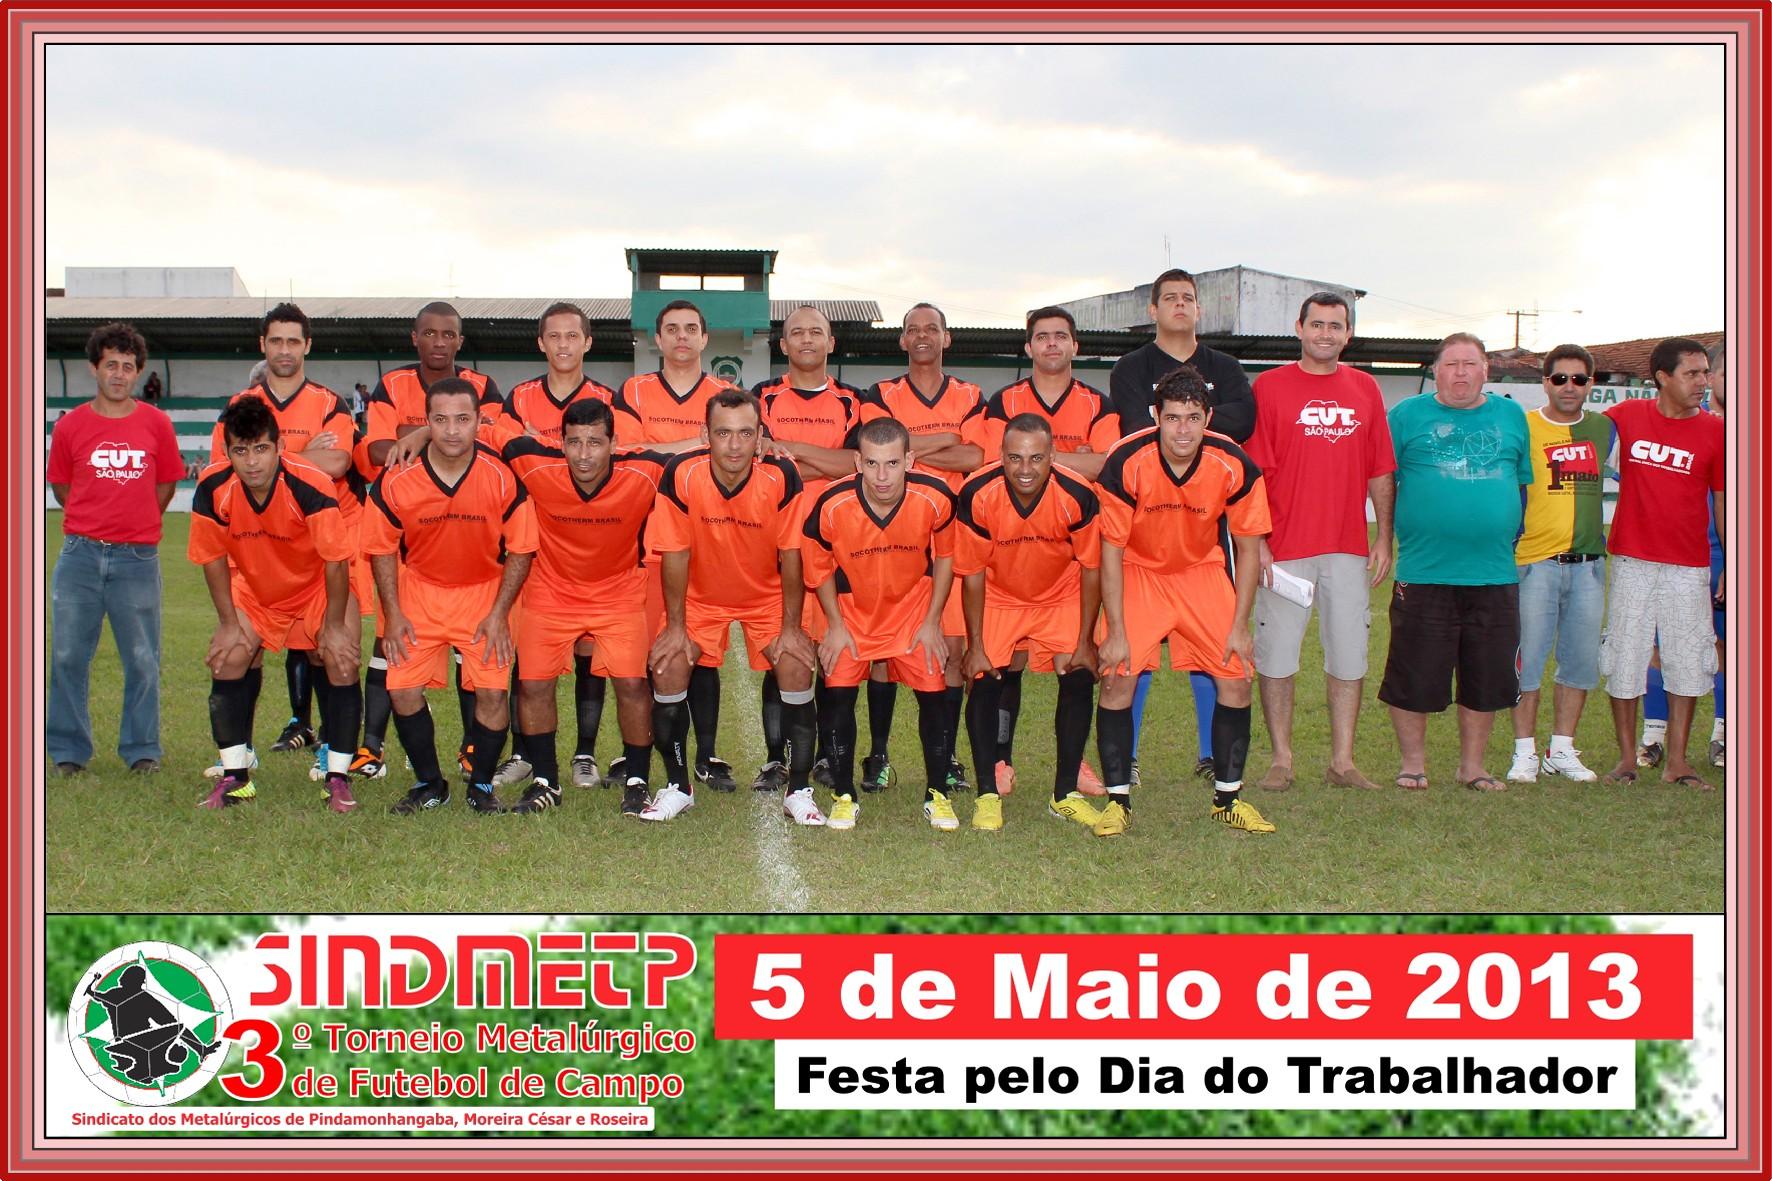 Socotherm - Equipe que jogou a final do torneio